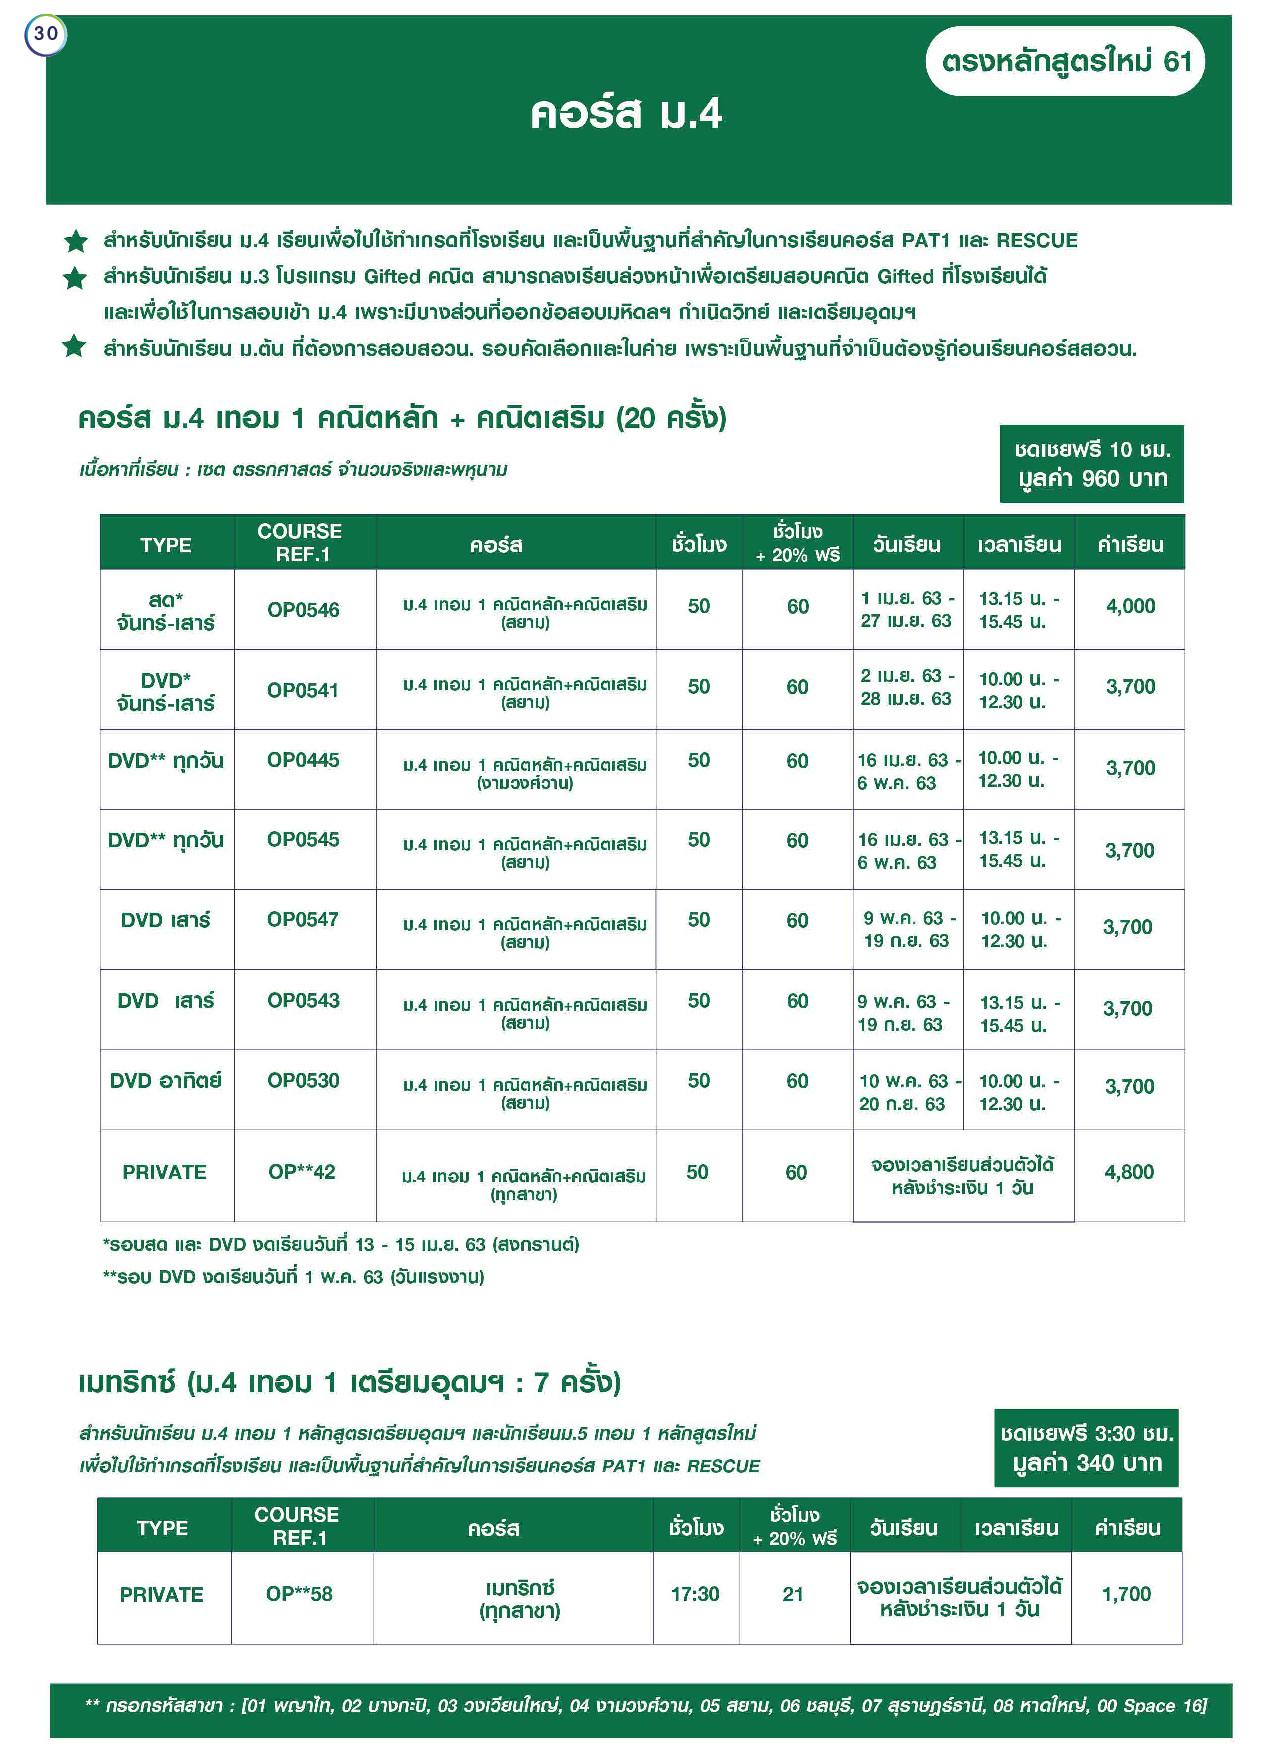 ม. 4 เทอม 1 (หลัก+เสริม) - เมทริกซ์